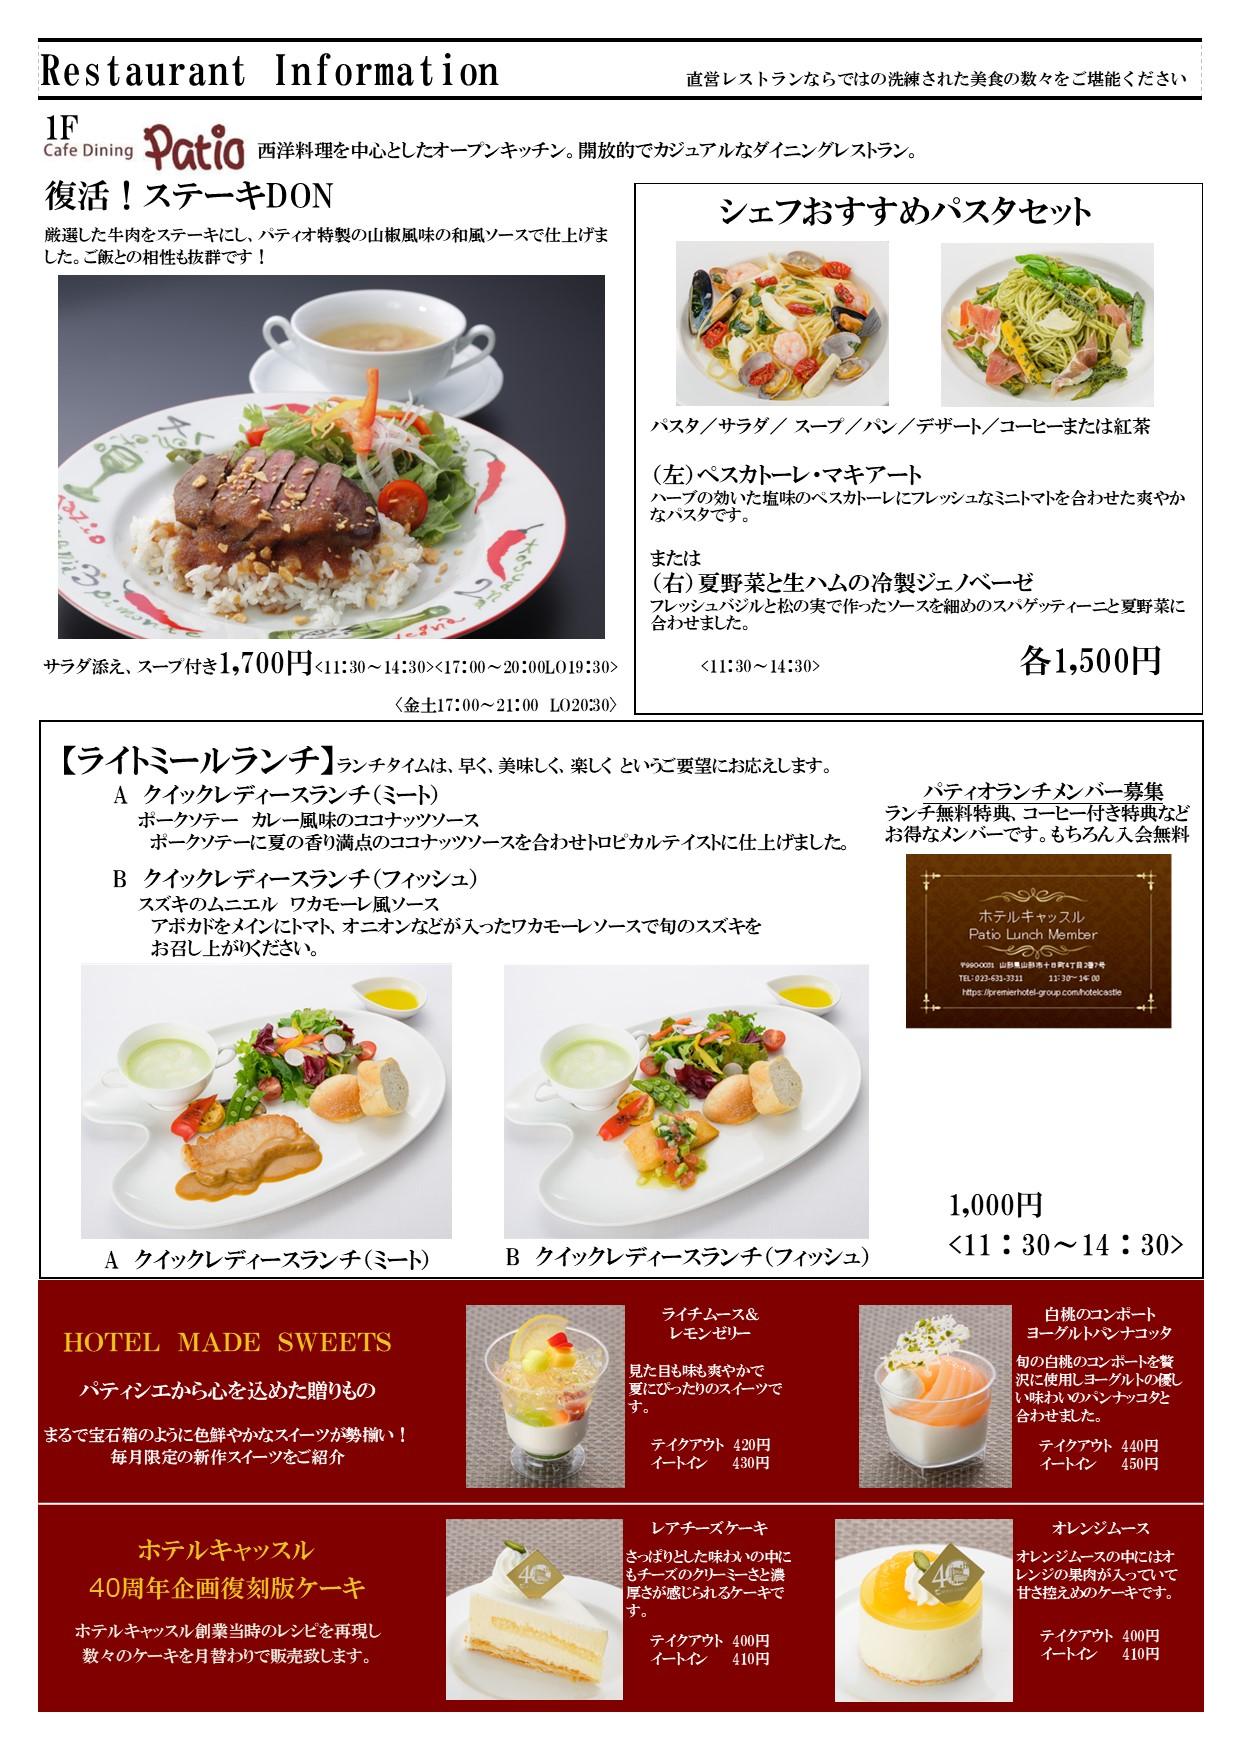 レストランインフォ2021年9月2